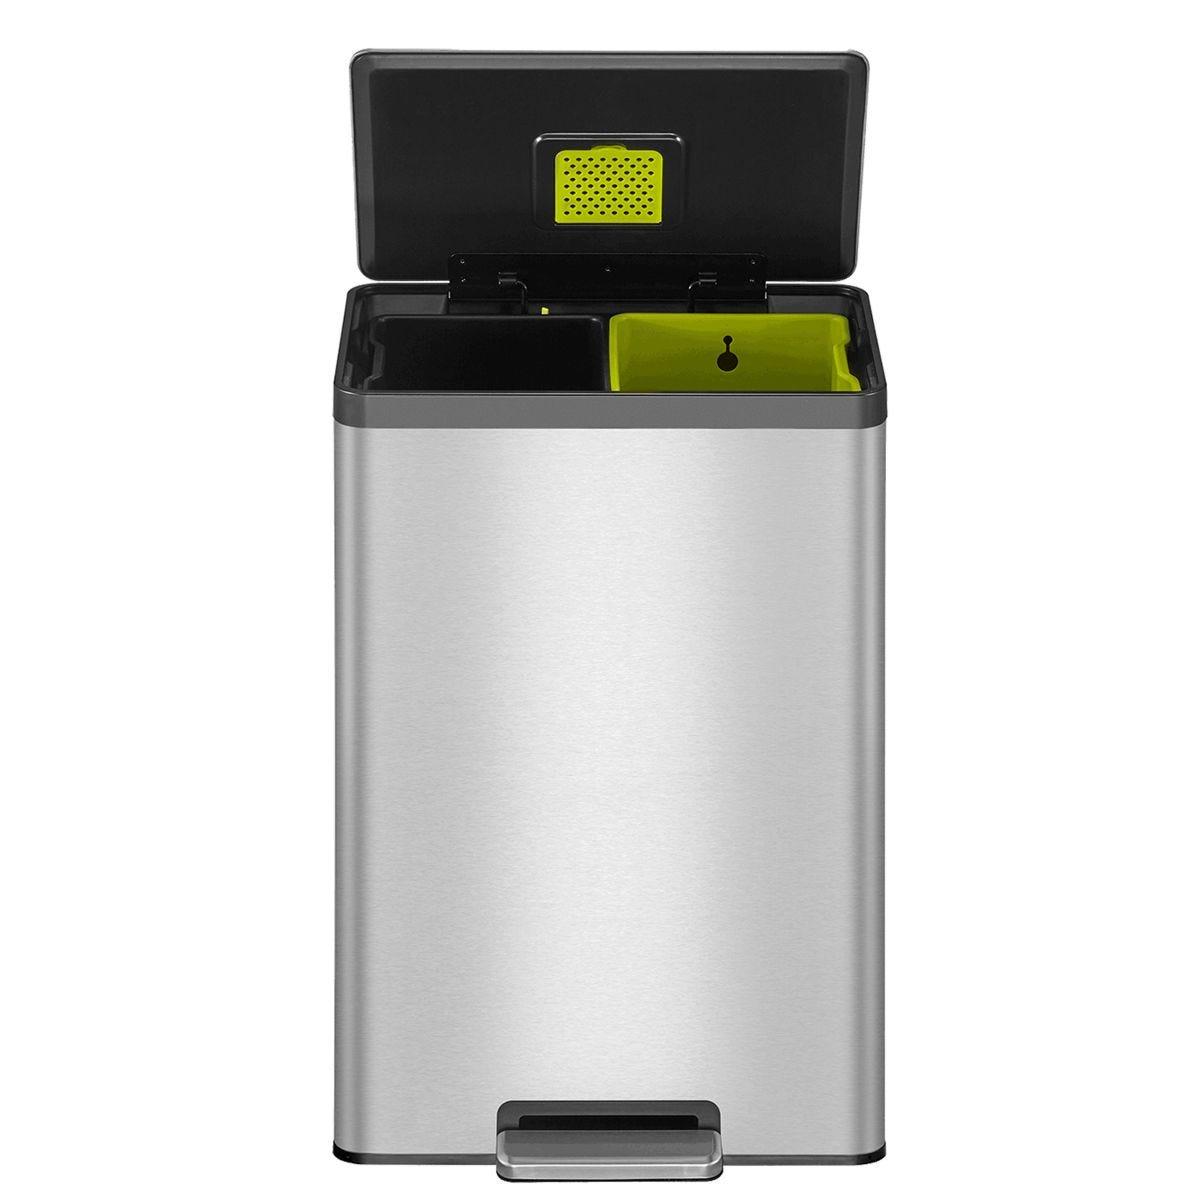 EKO Ecocasa II Recycling Bin 40L - Stainless Steel